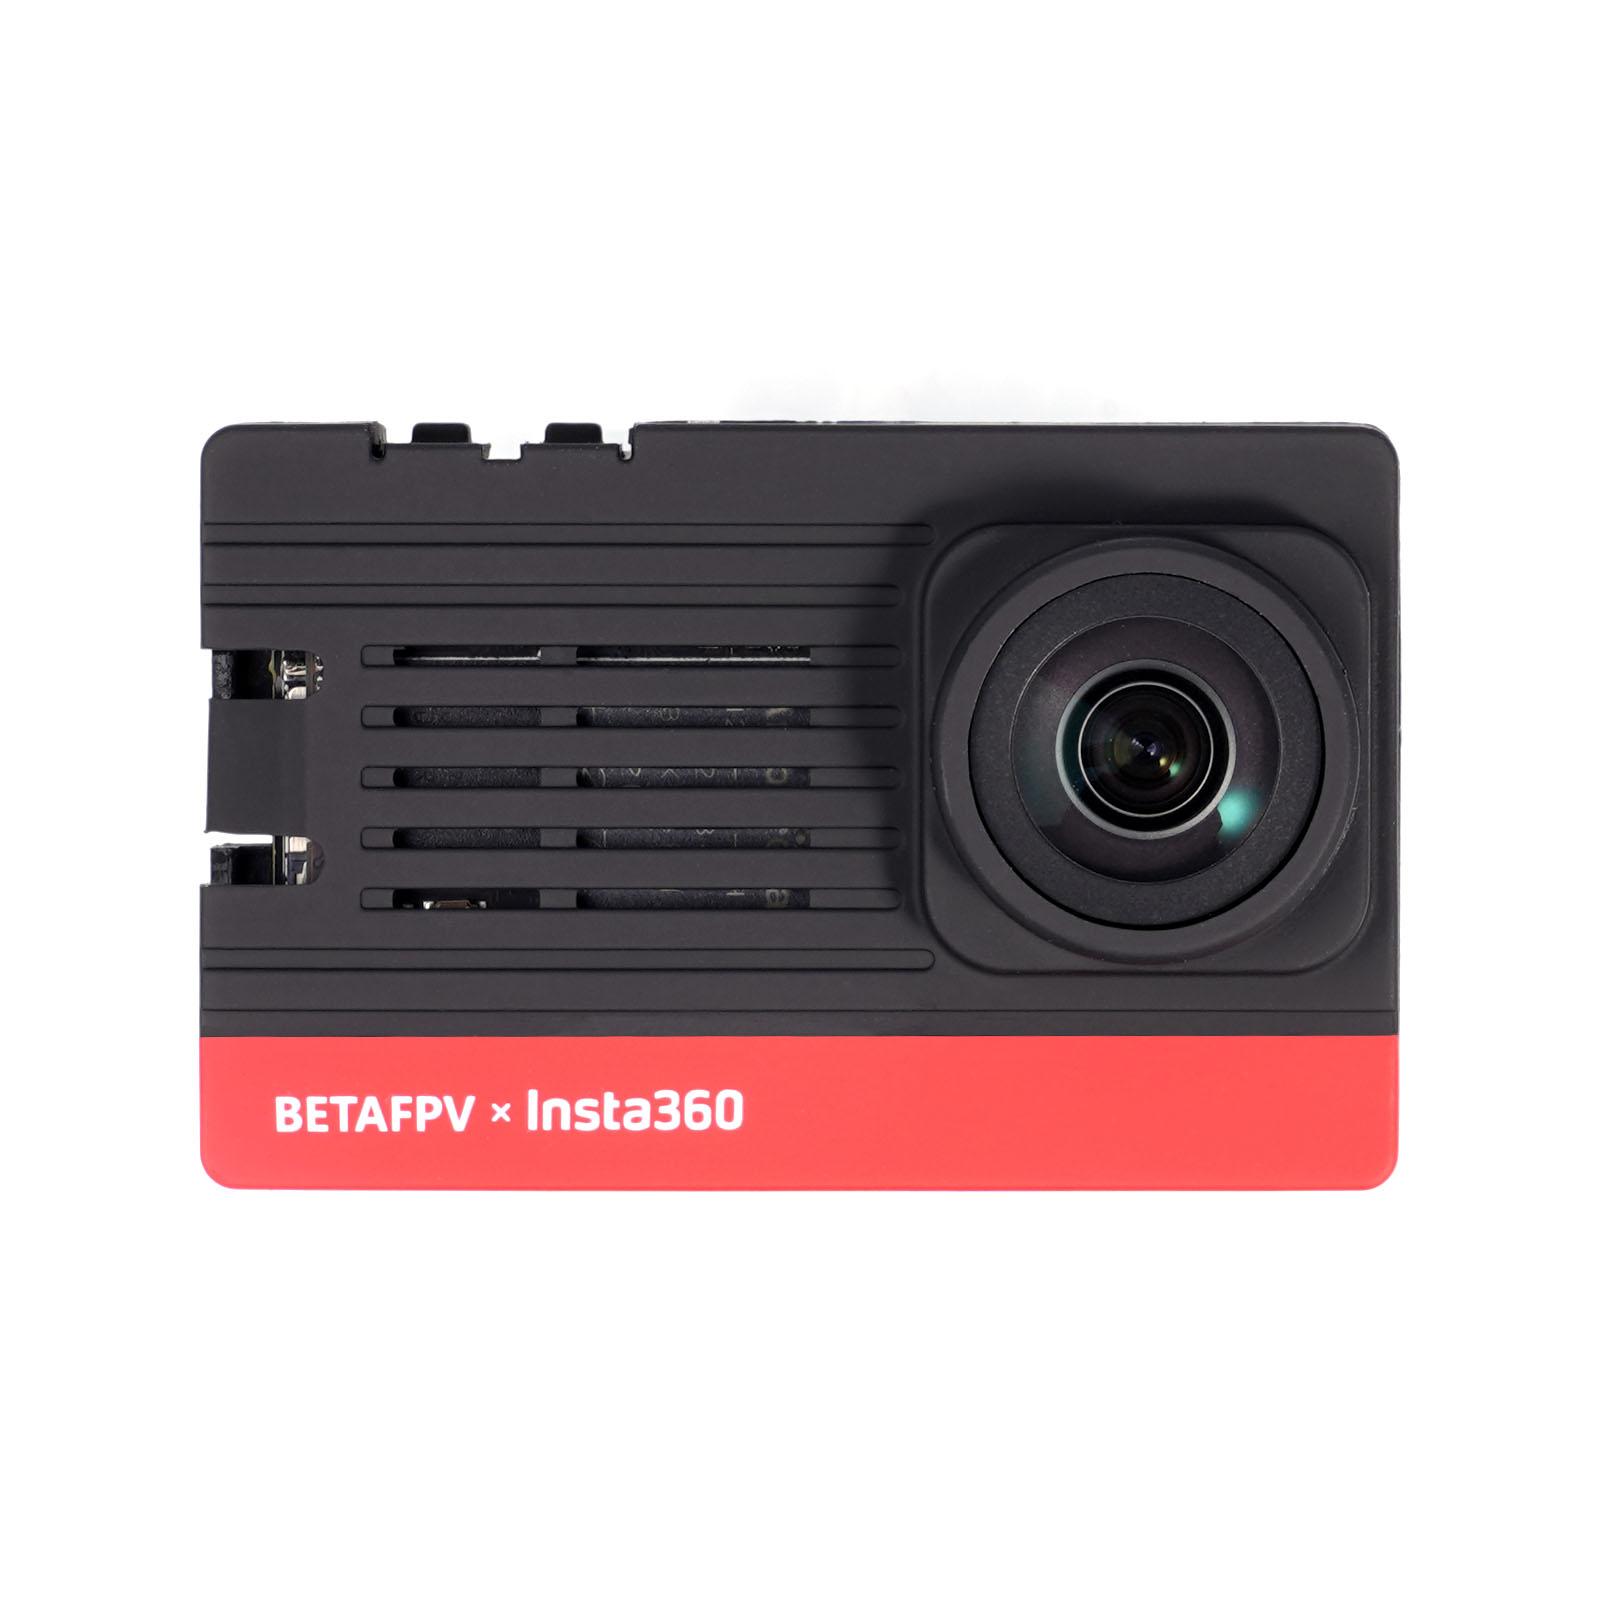 SMO 4K Ultralight Action Camera (BetaFPV / Insta360)